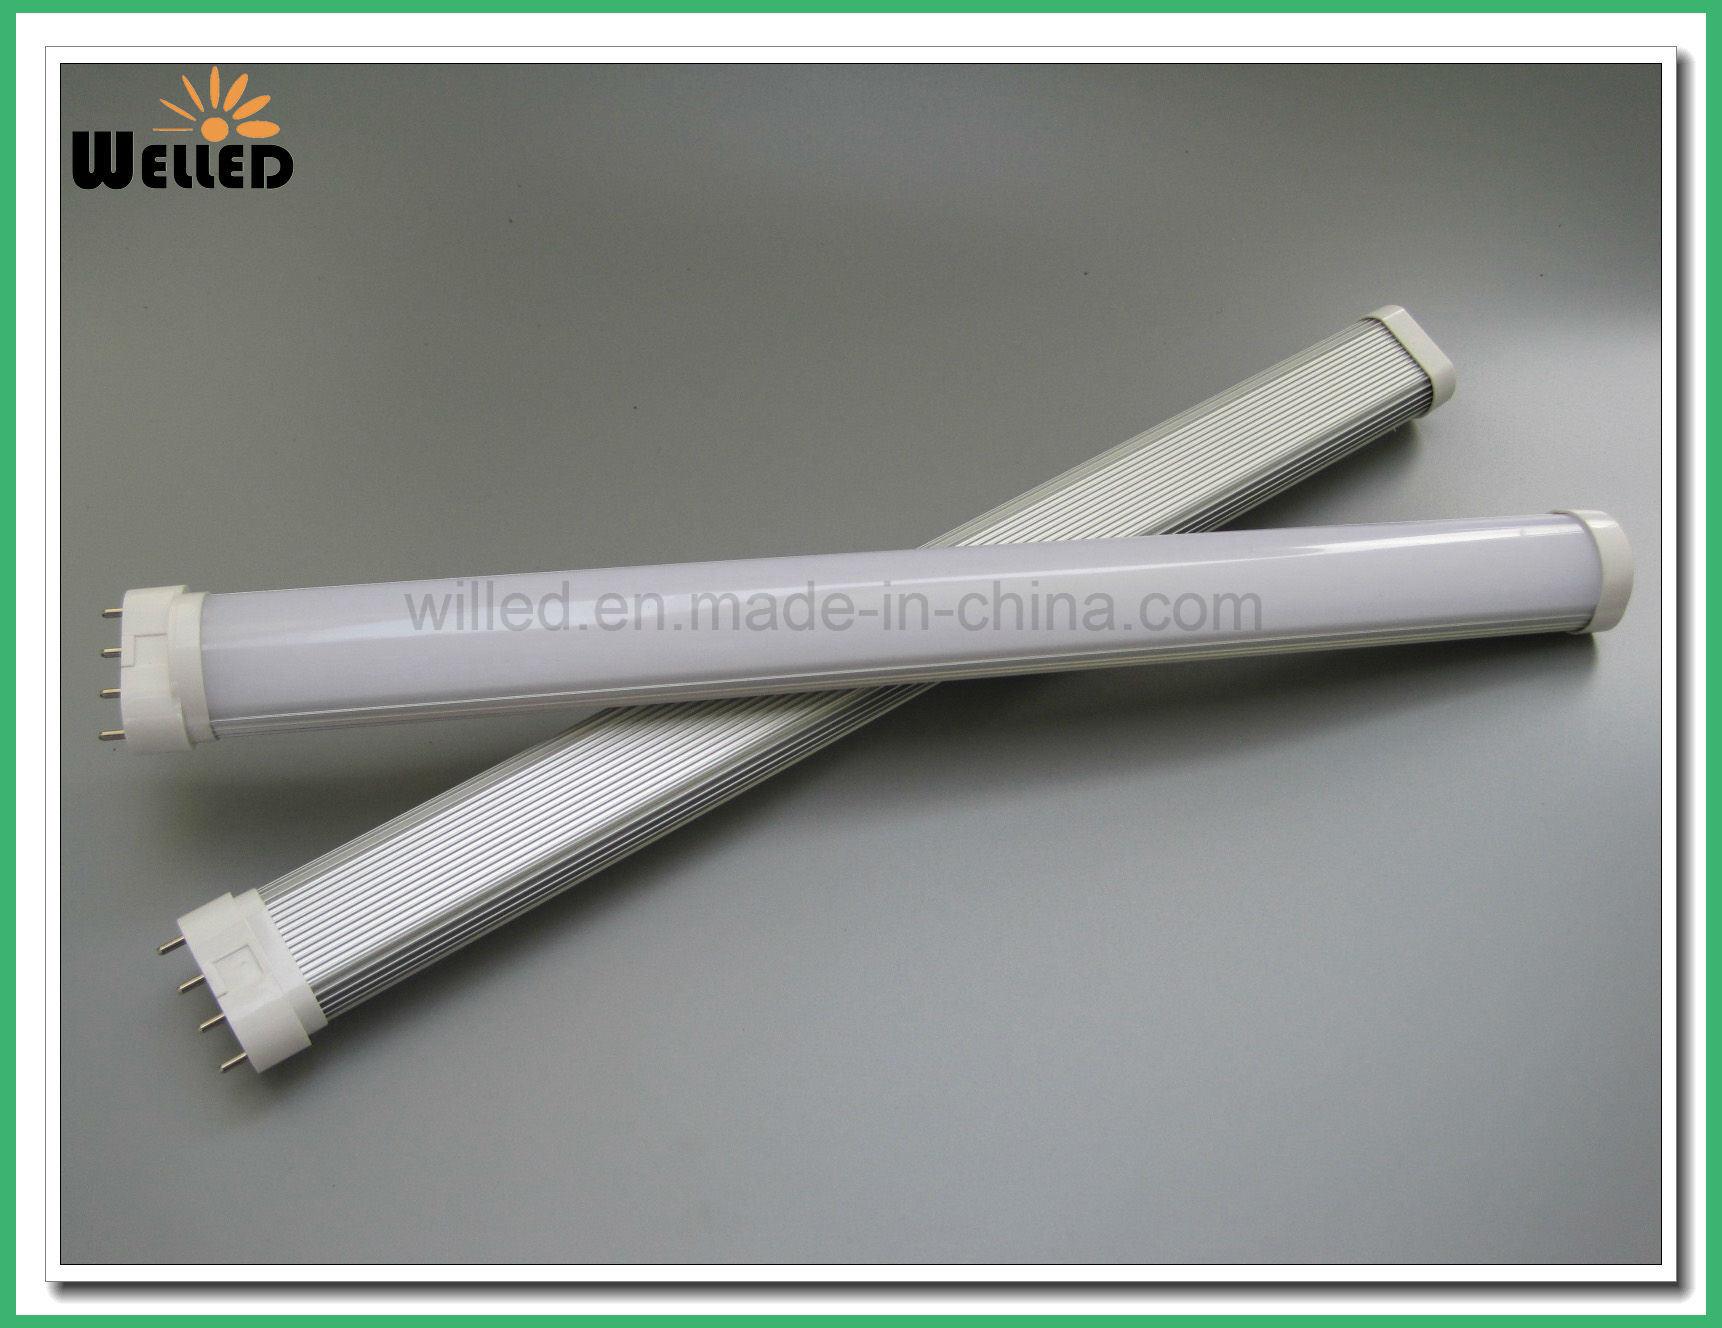 18W 85-265V 2g11 LED Tube Light 410mm with 4pin LED Lamp Lights 2g11 SMD2835